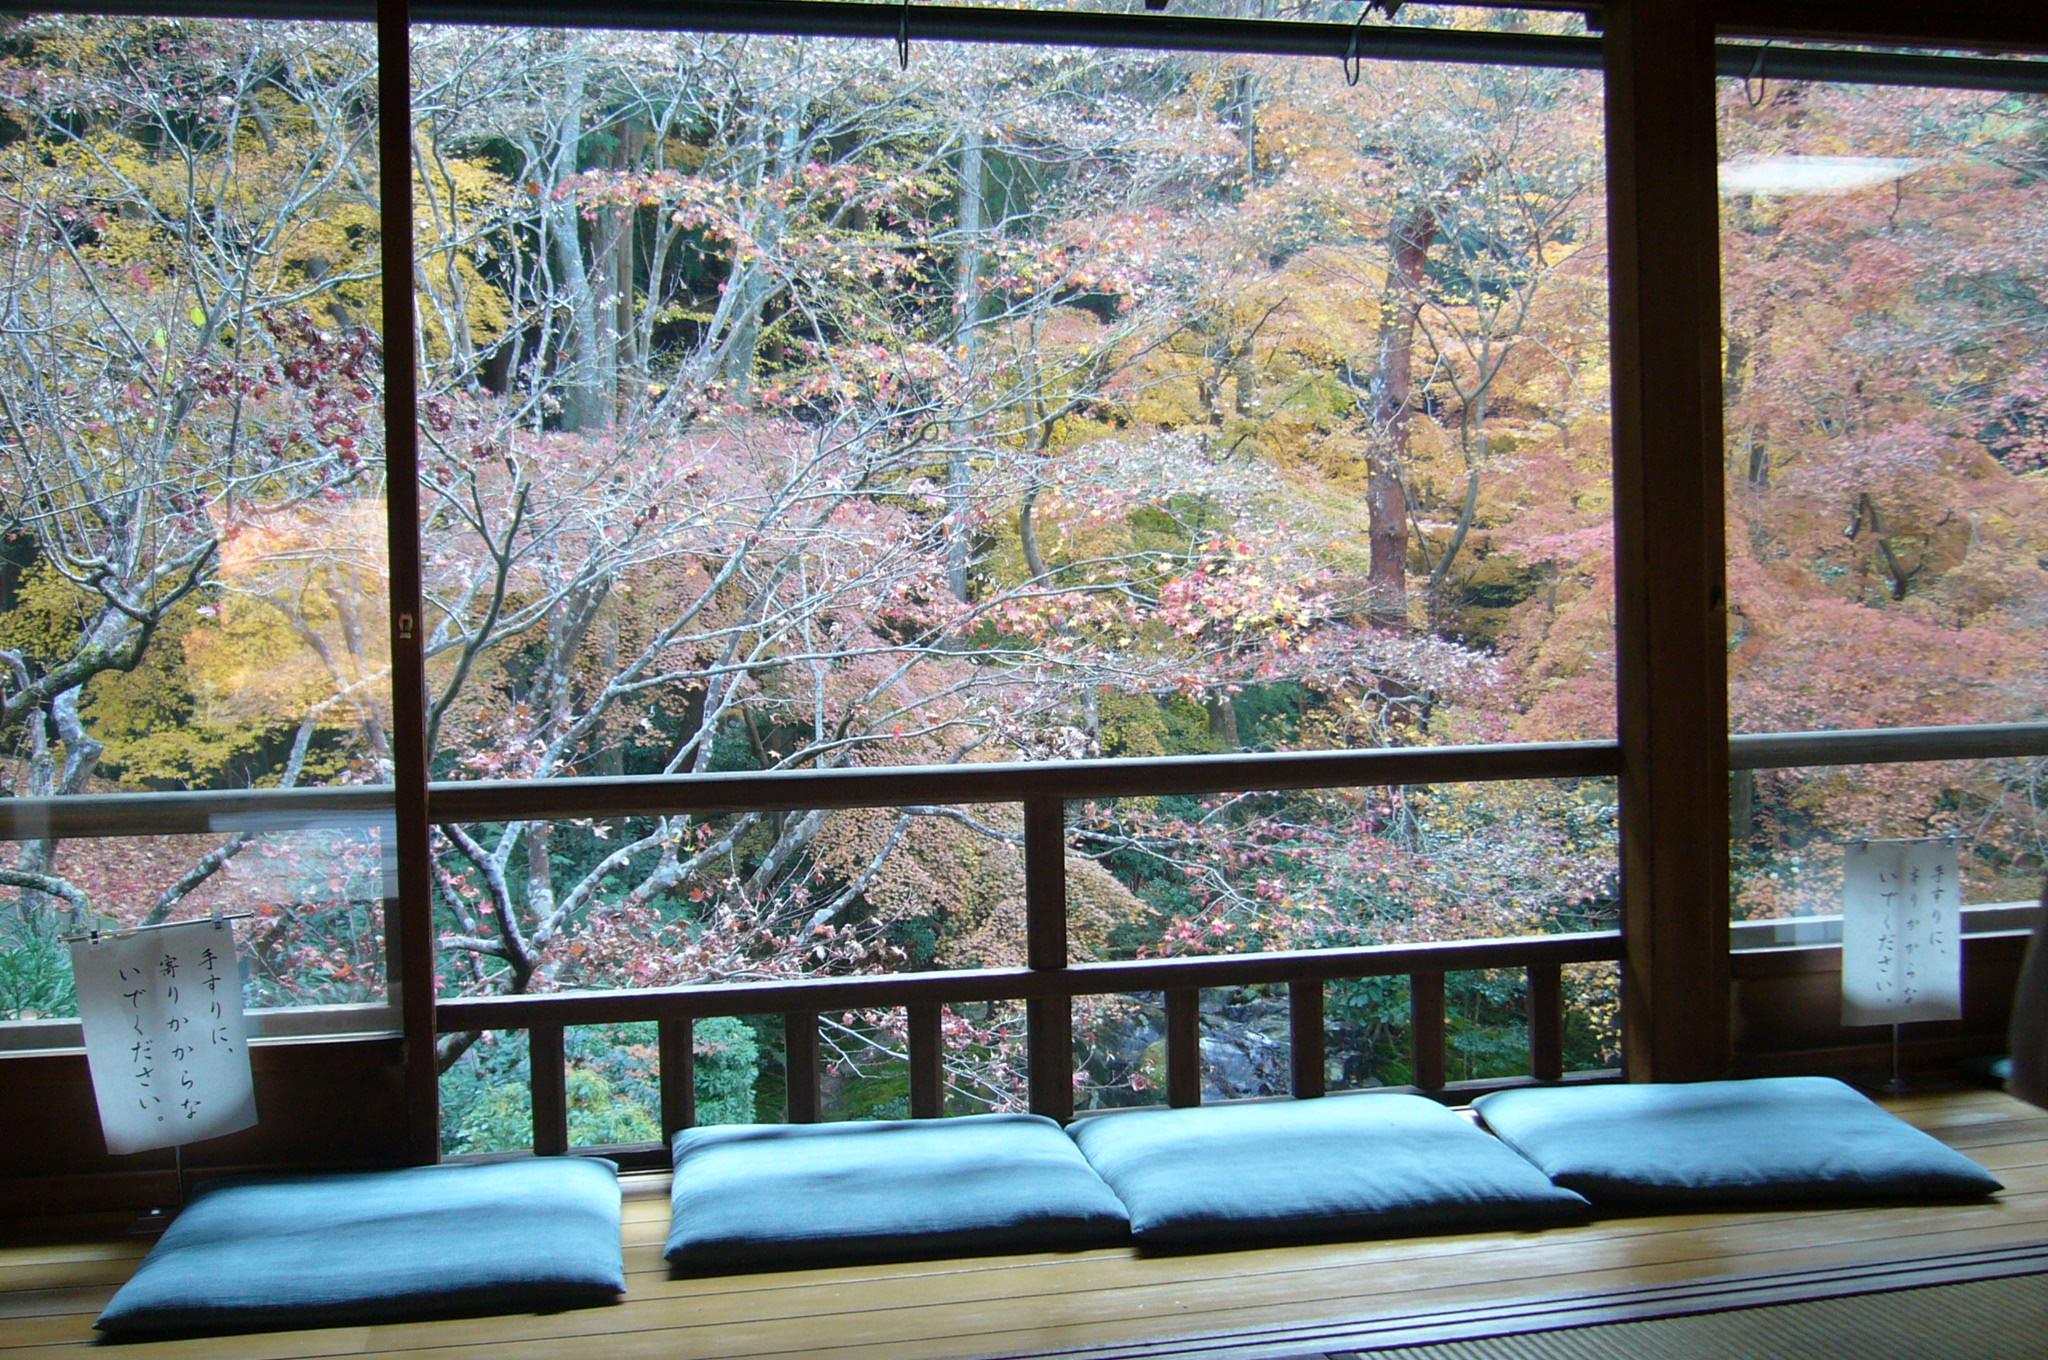 京都の名庭園といわれる100寺院の写真集です。\u003cbr /